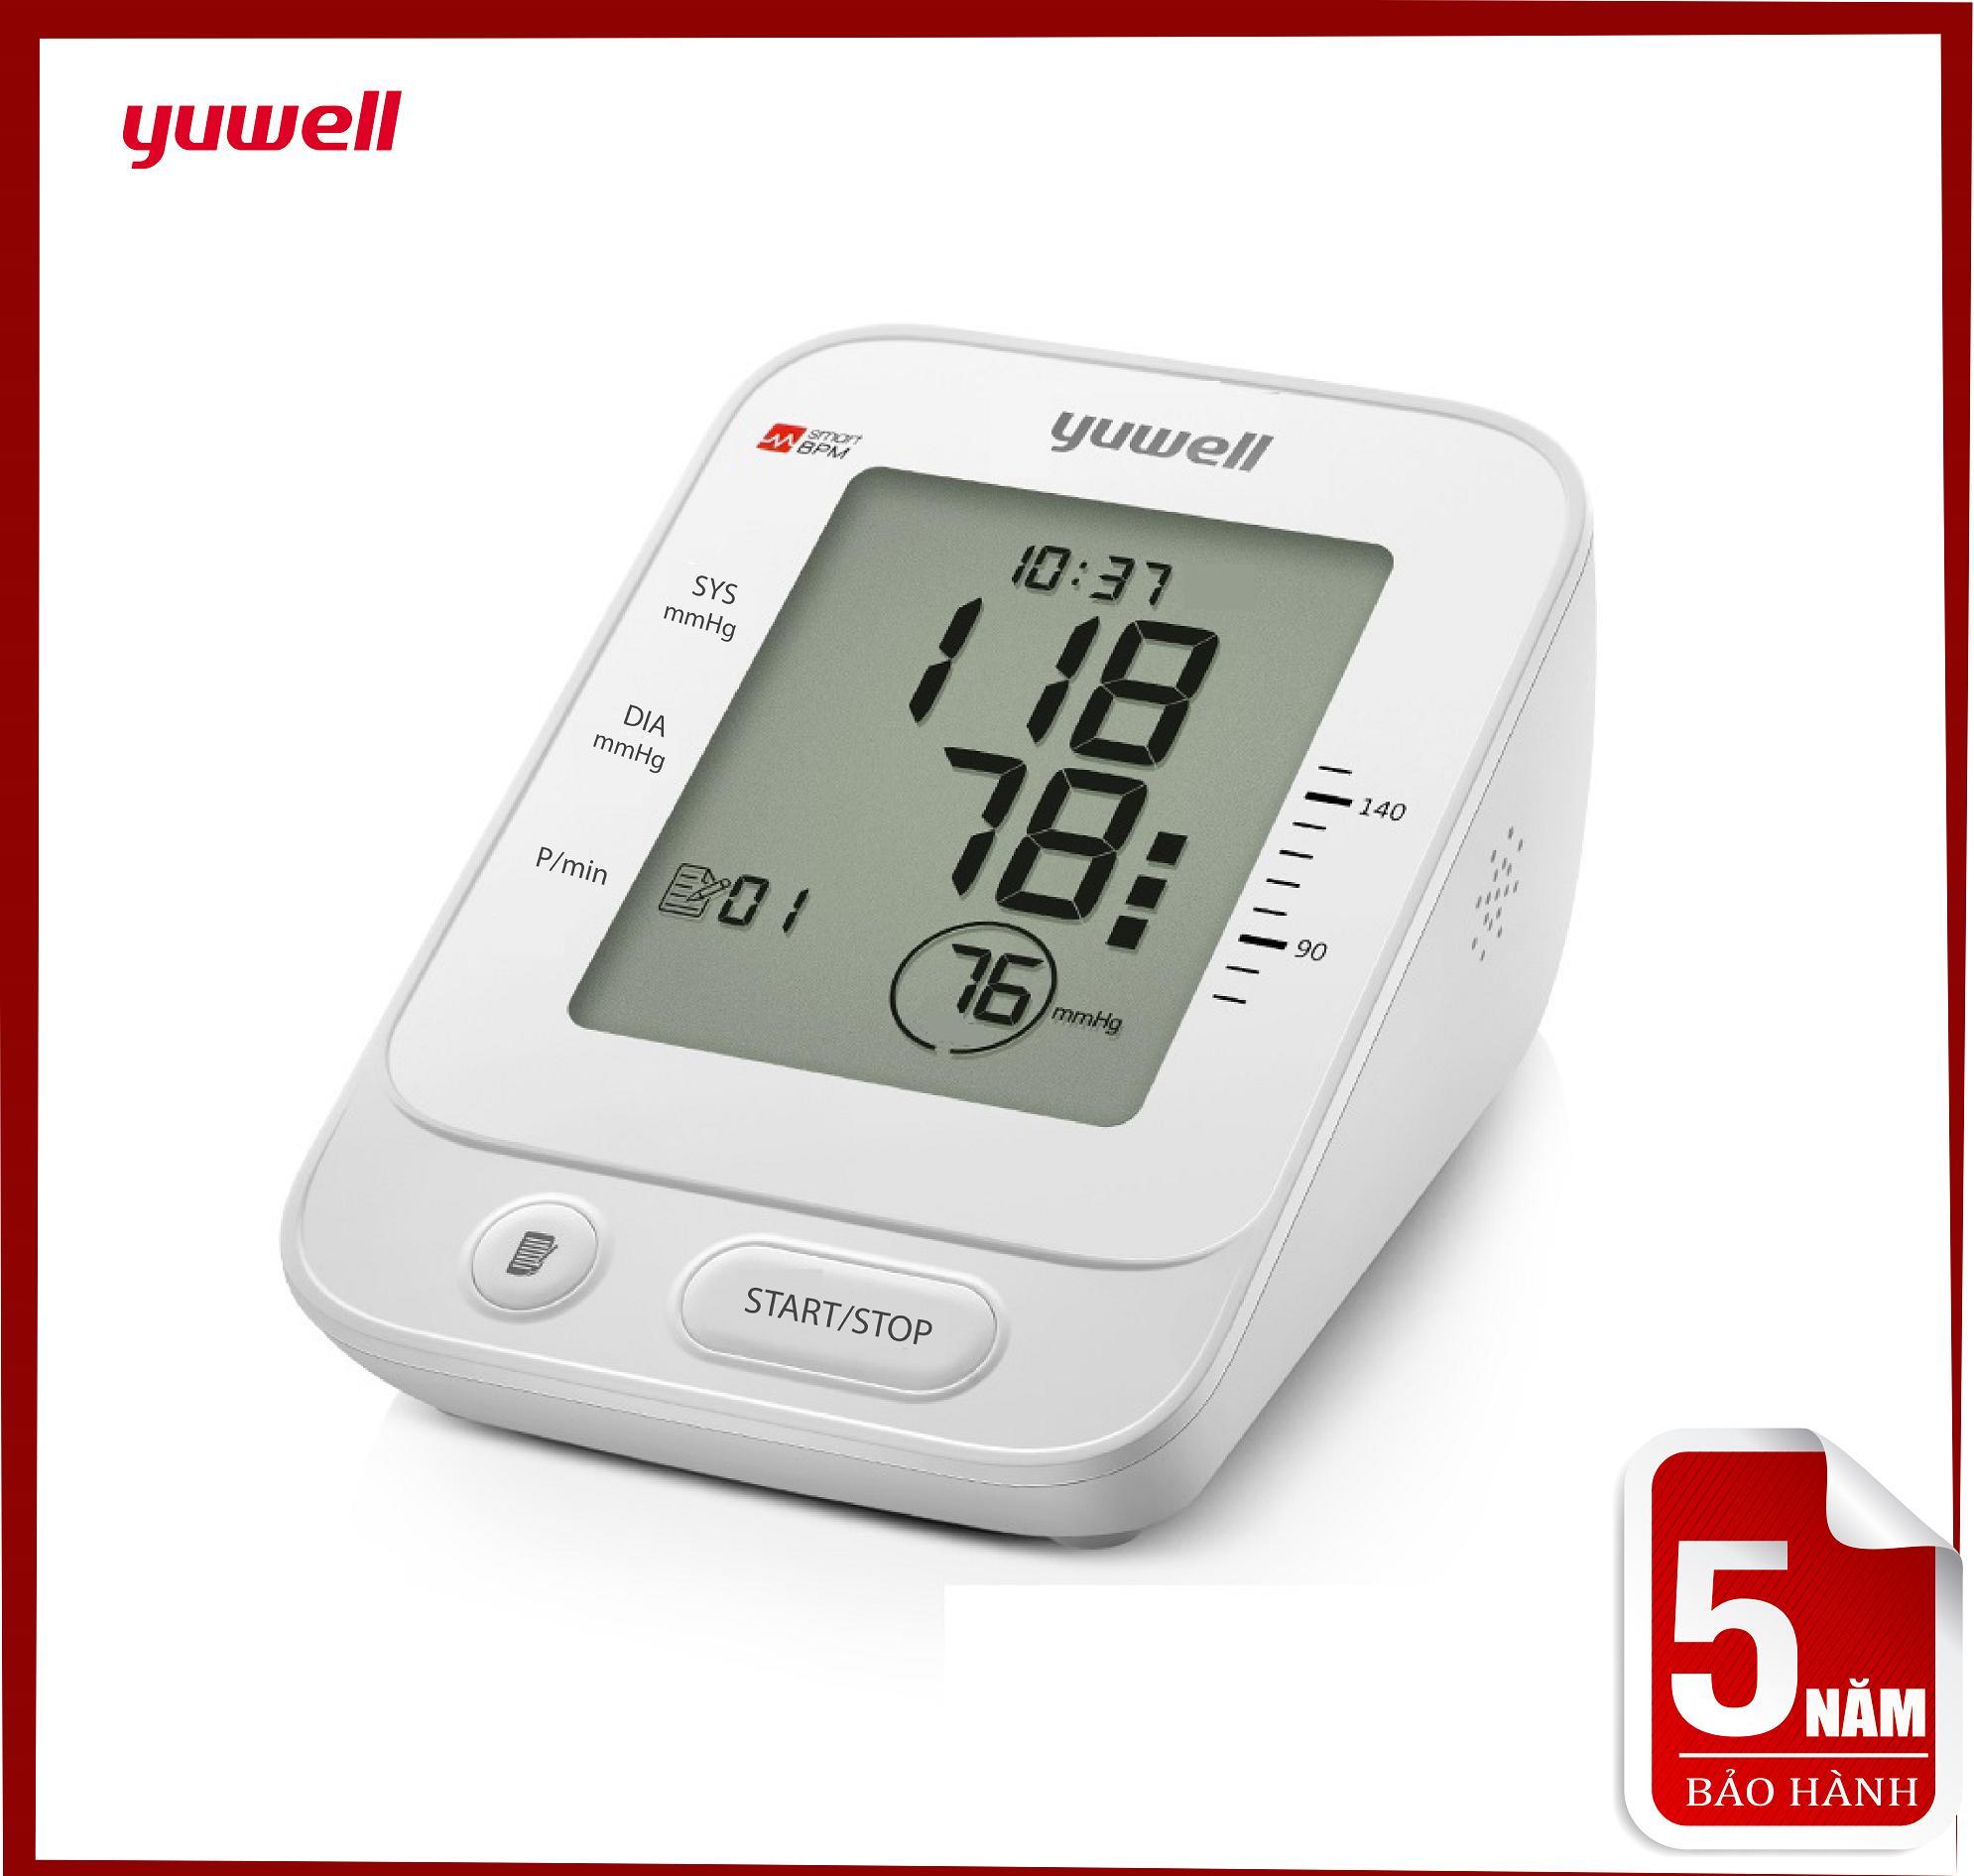 Máy đo huyết áp bắp tay Yuwell YE660E bán chạy